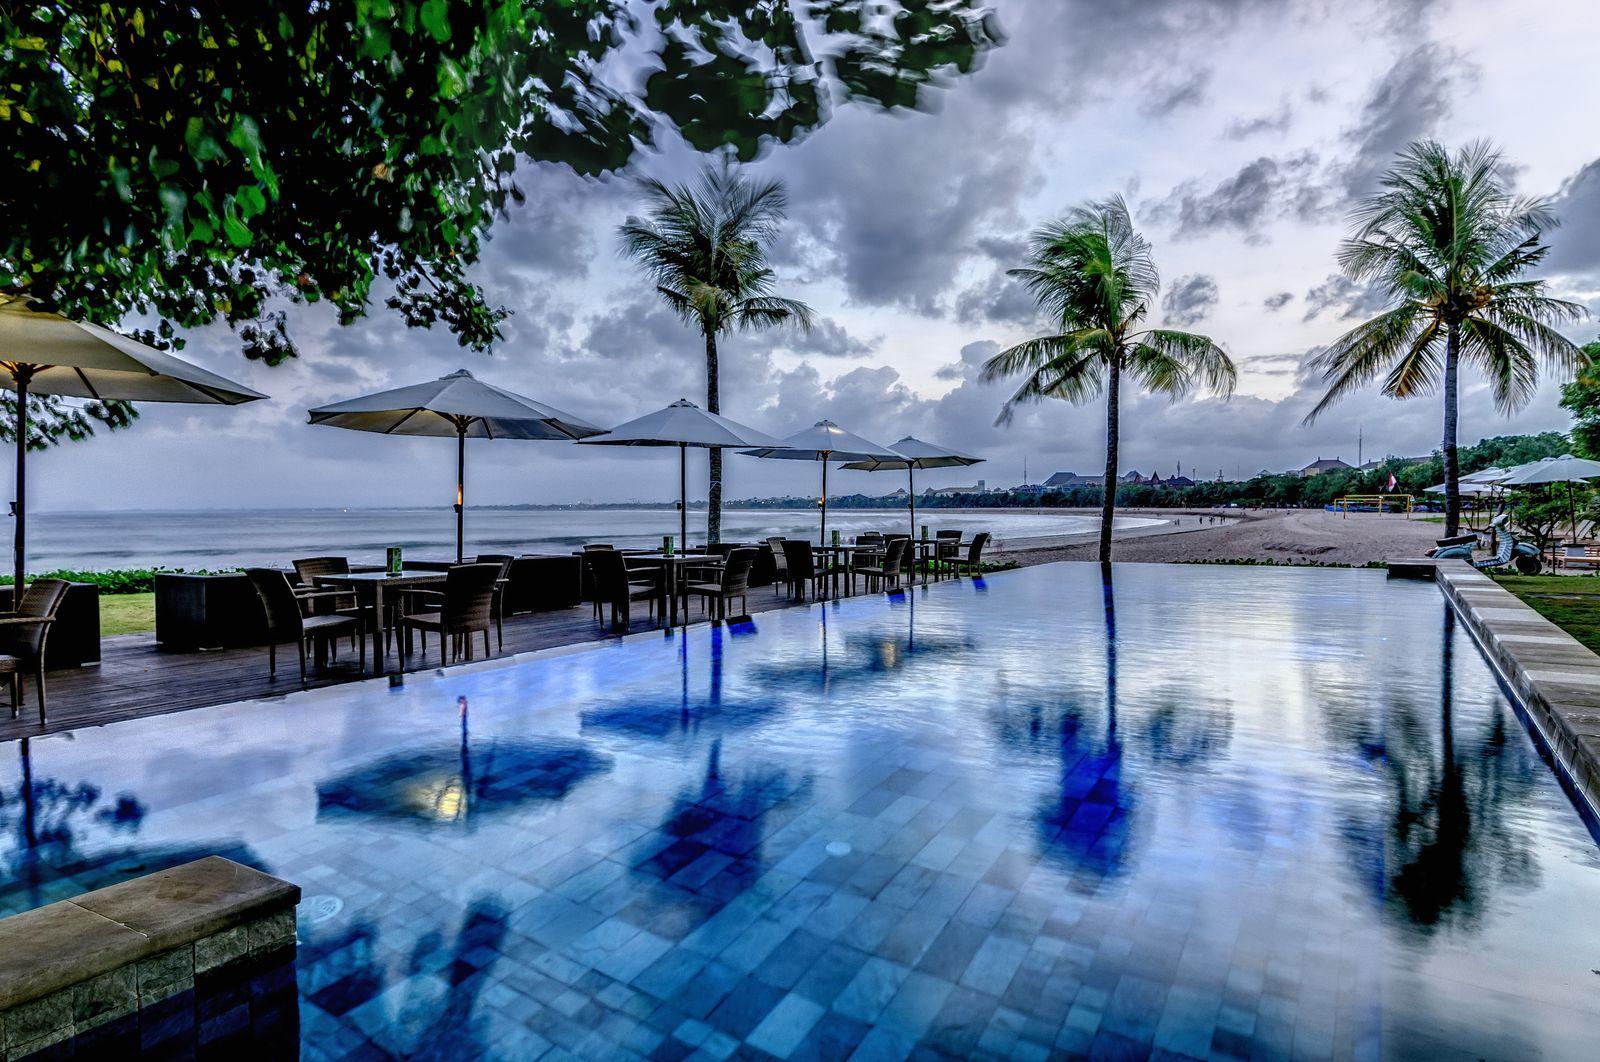 bali garden beach resort asienreisen von asian dreams gmbh. Black Bedroom Furniture Sets. Home Design Ideas